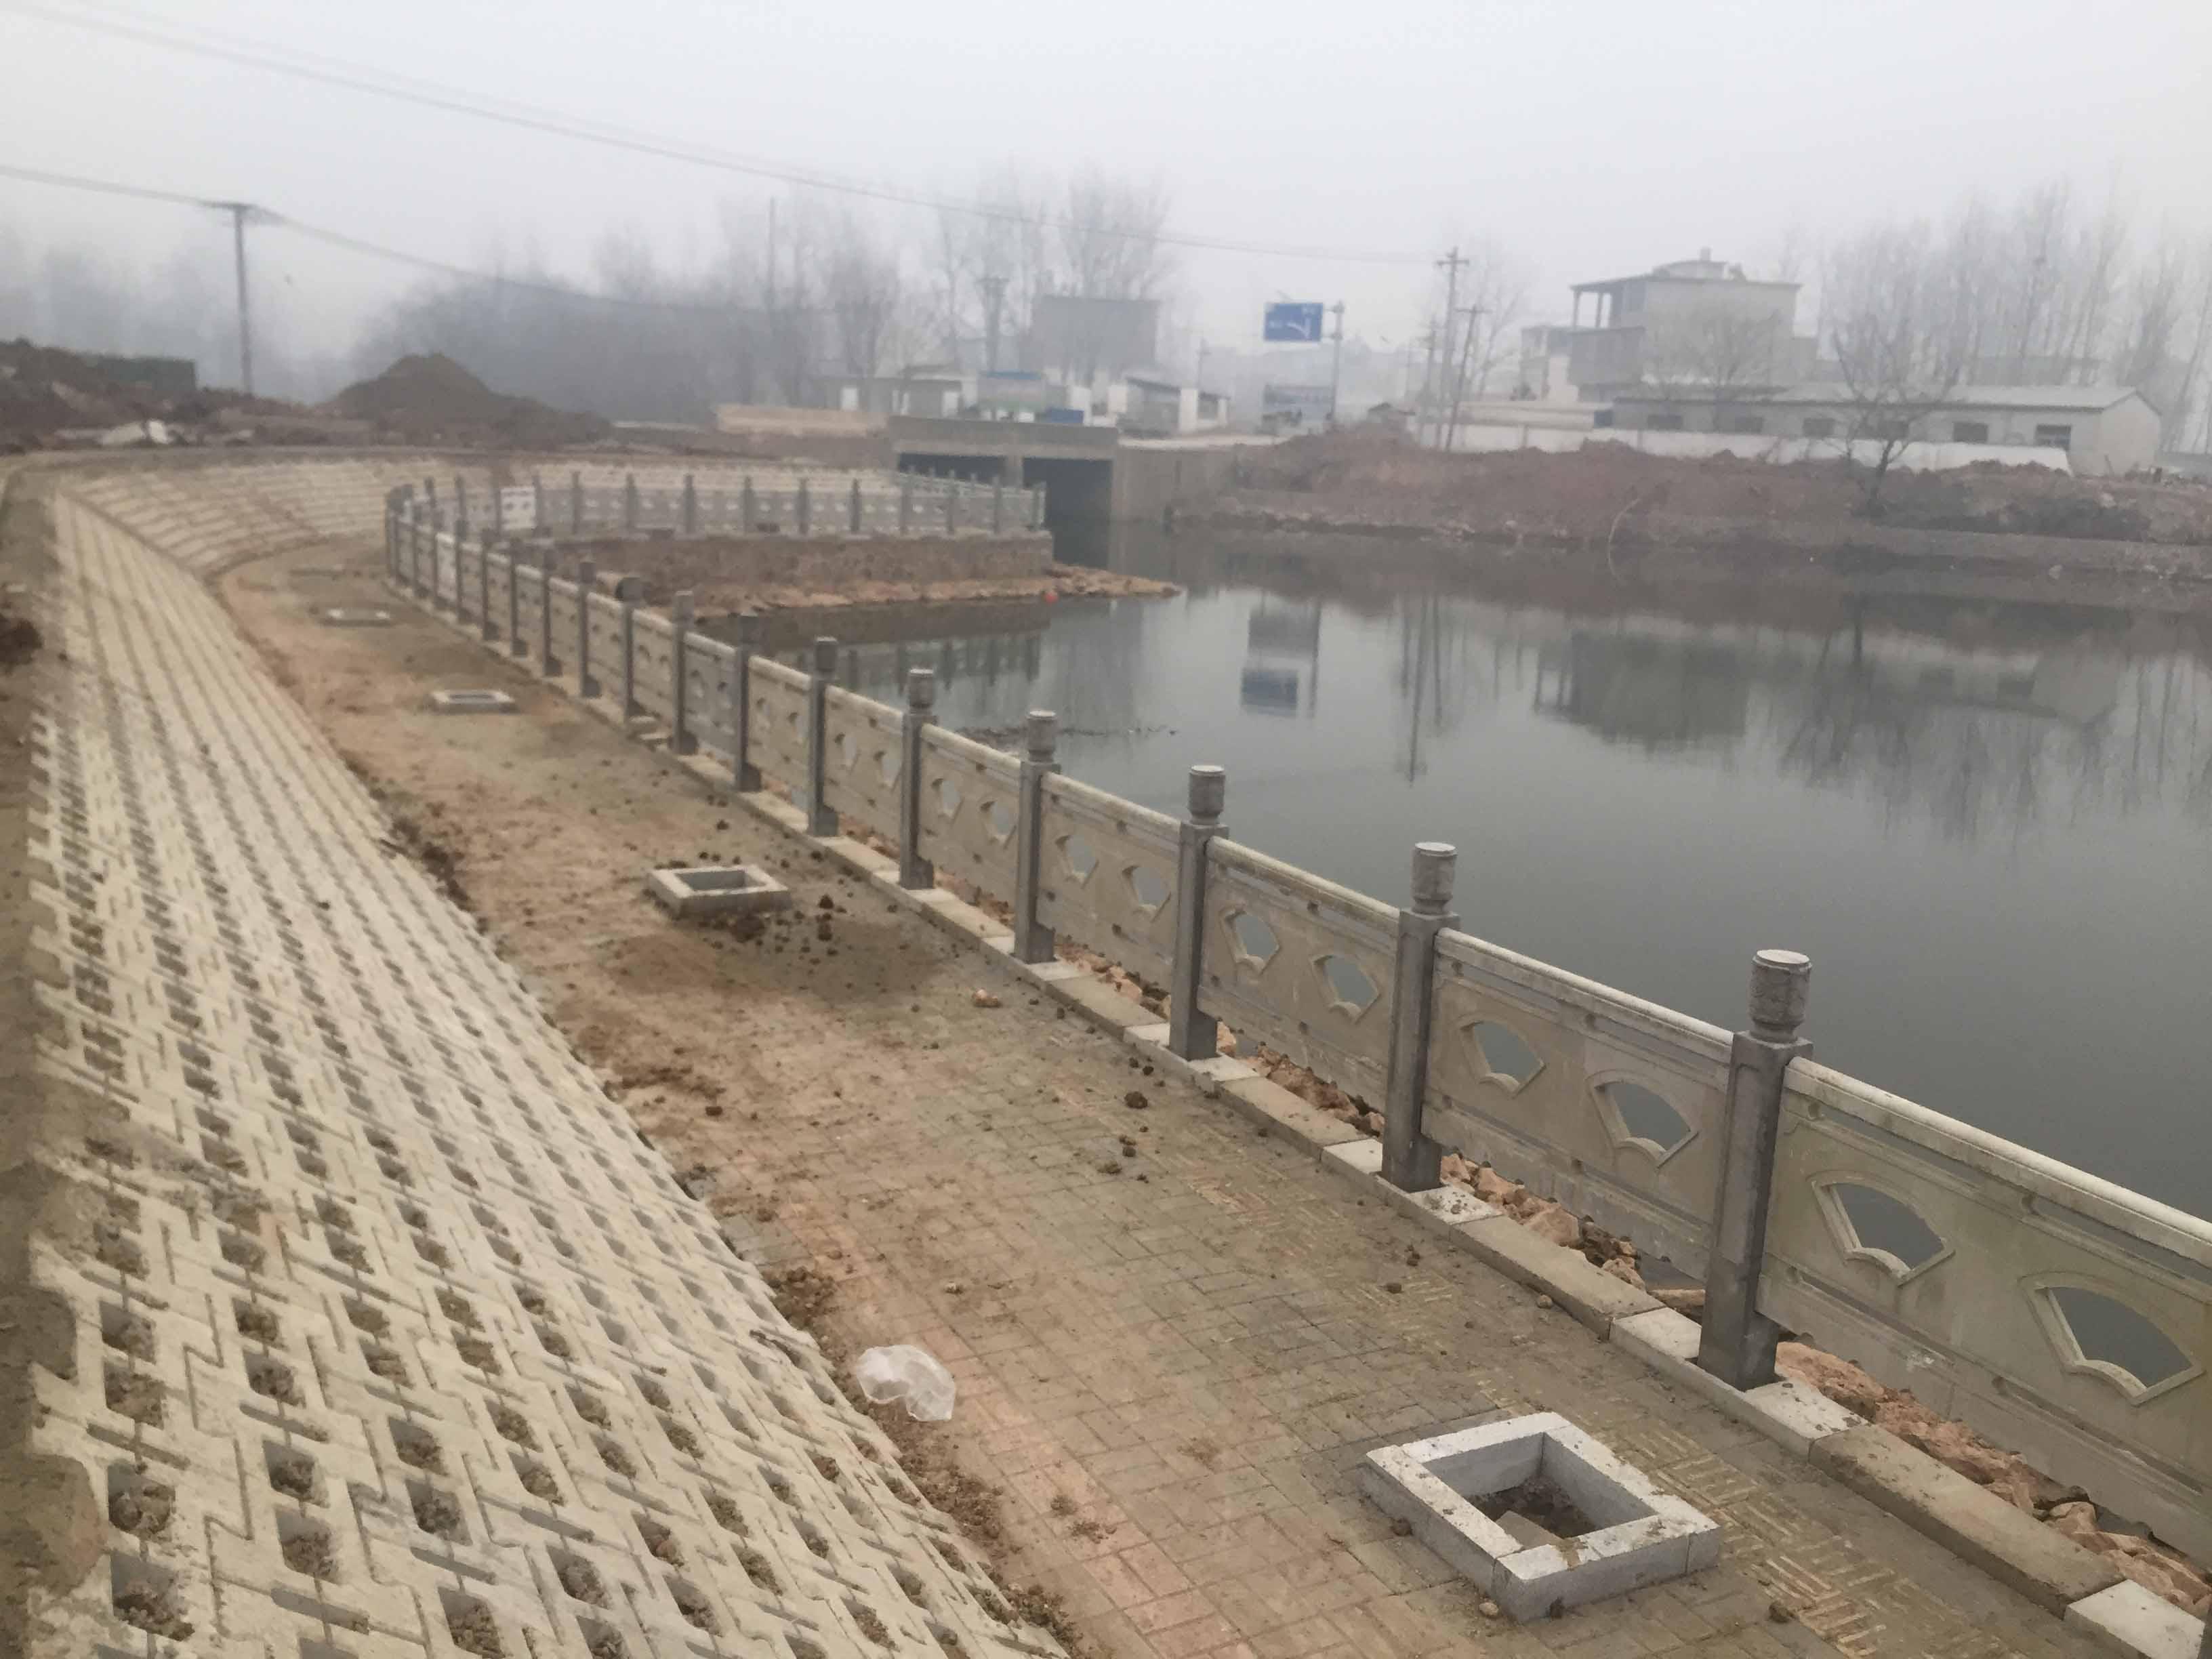 扇形仿石栏杆-滁州市百镇计划-定远县2017年美丽乡村建设一期项目能仁